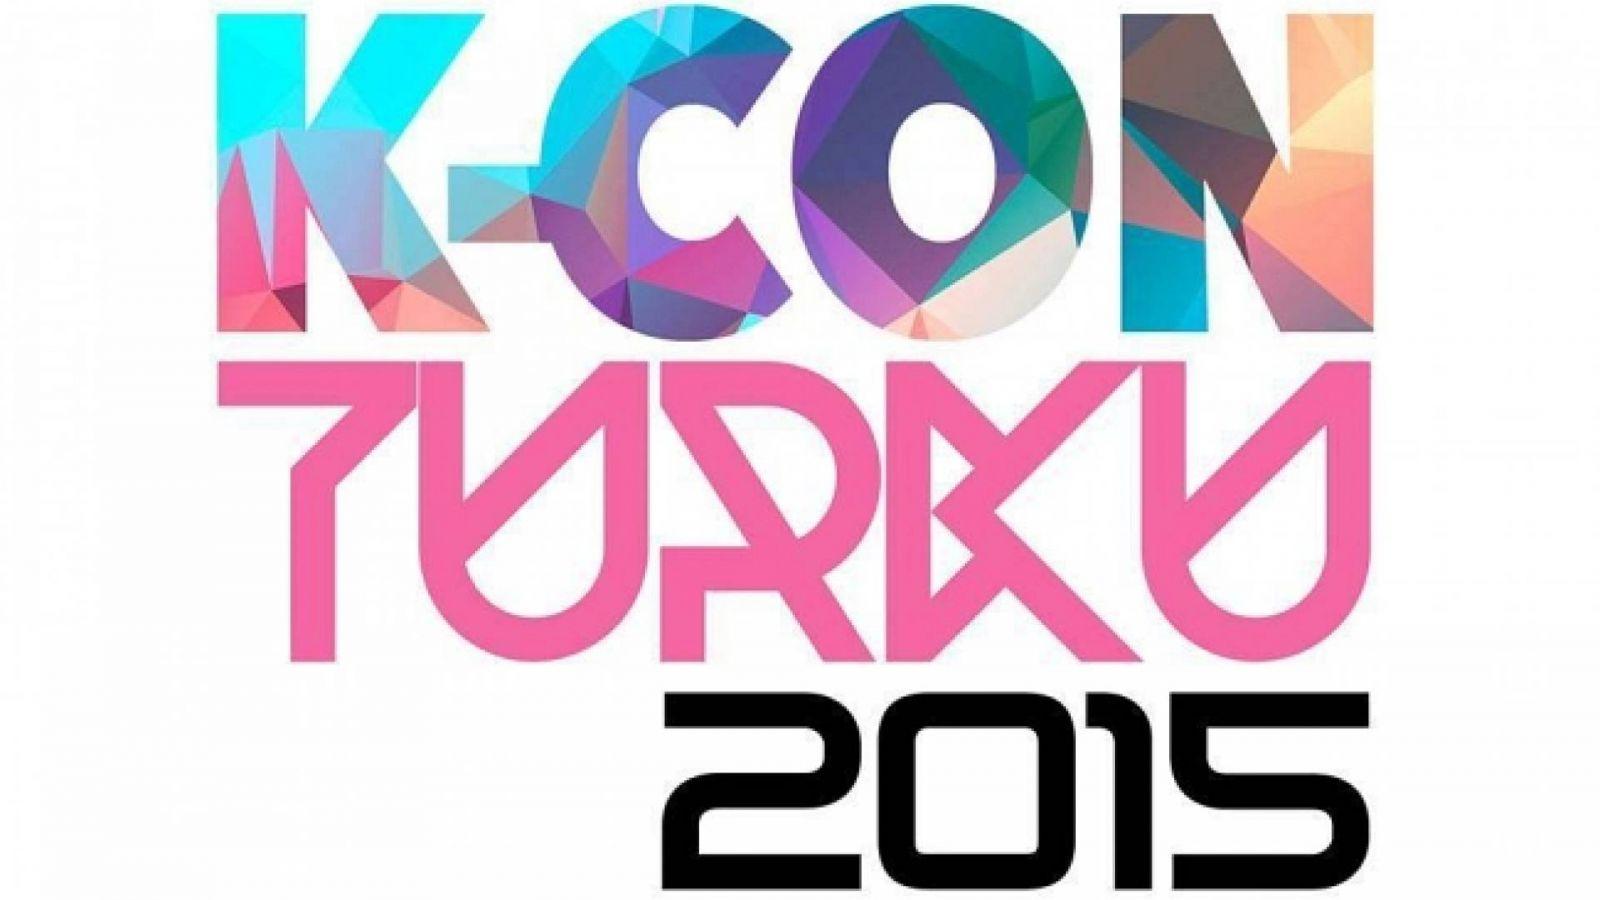 K-pop-tapahtuma K-CON TURKU 2015 järjestetään ensimmäistä kertaa © K-CON TURKU 2015